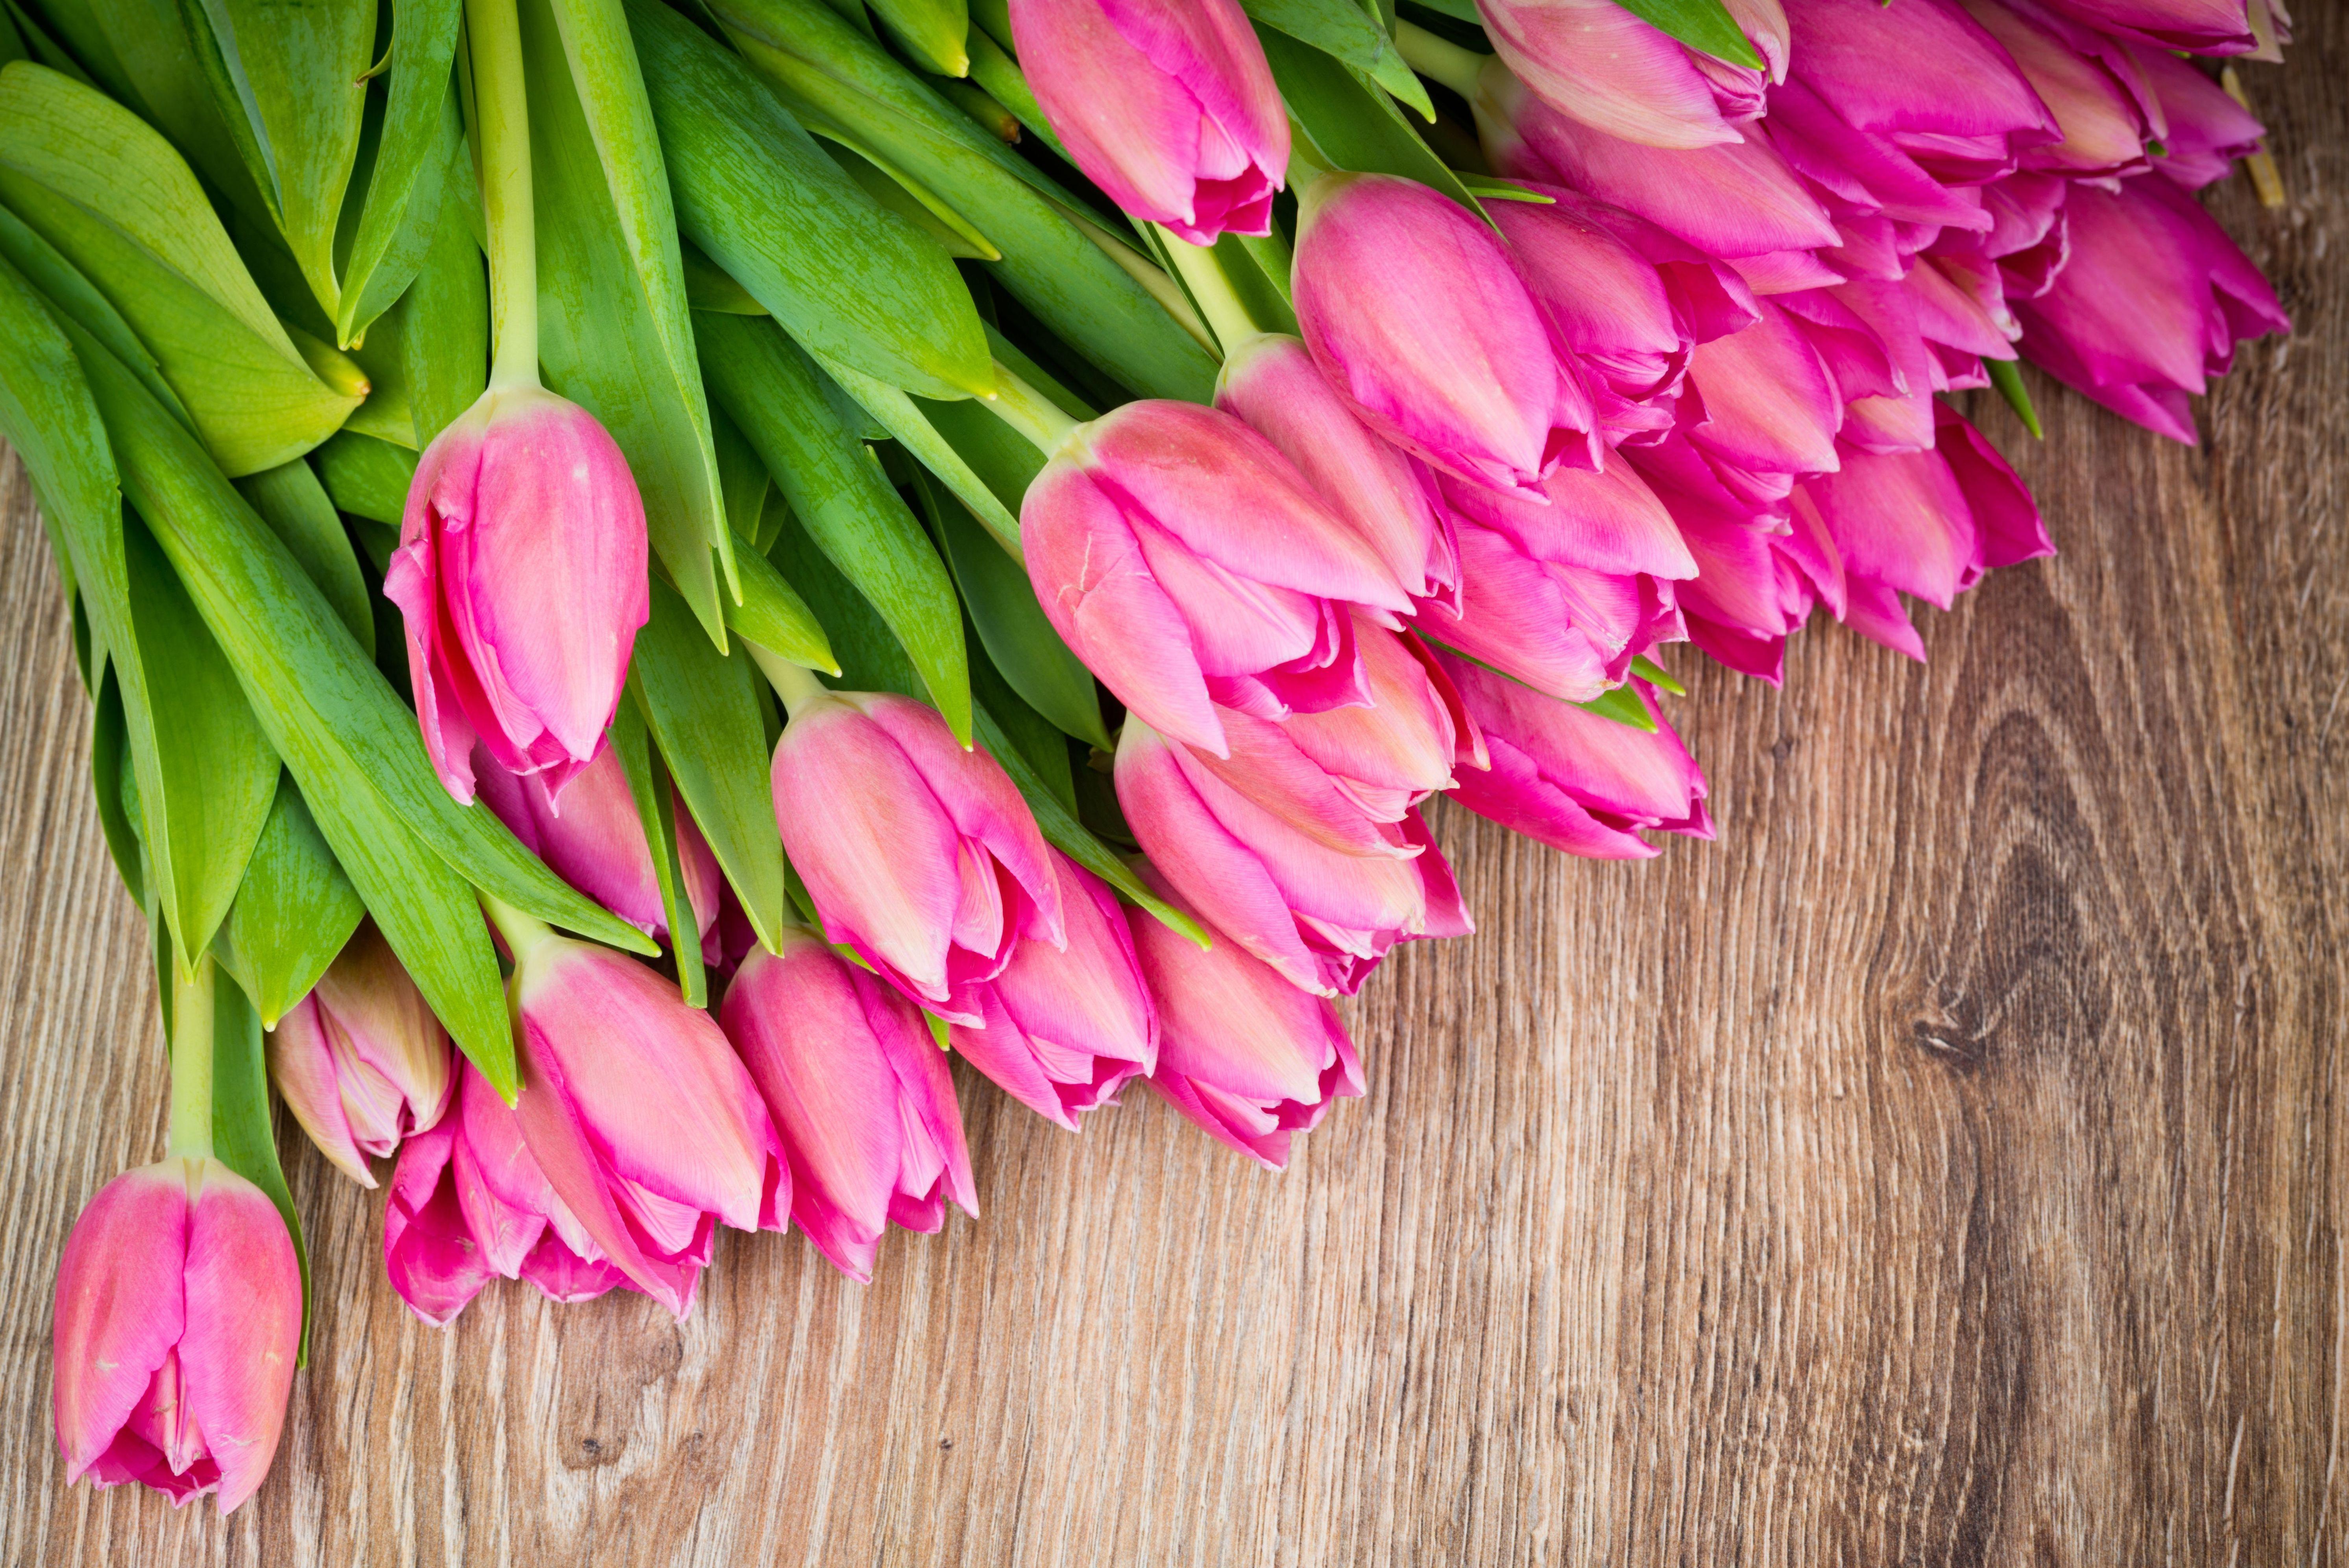 картинки весна 8 марта на рабочий стол гладиолус монтбреция